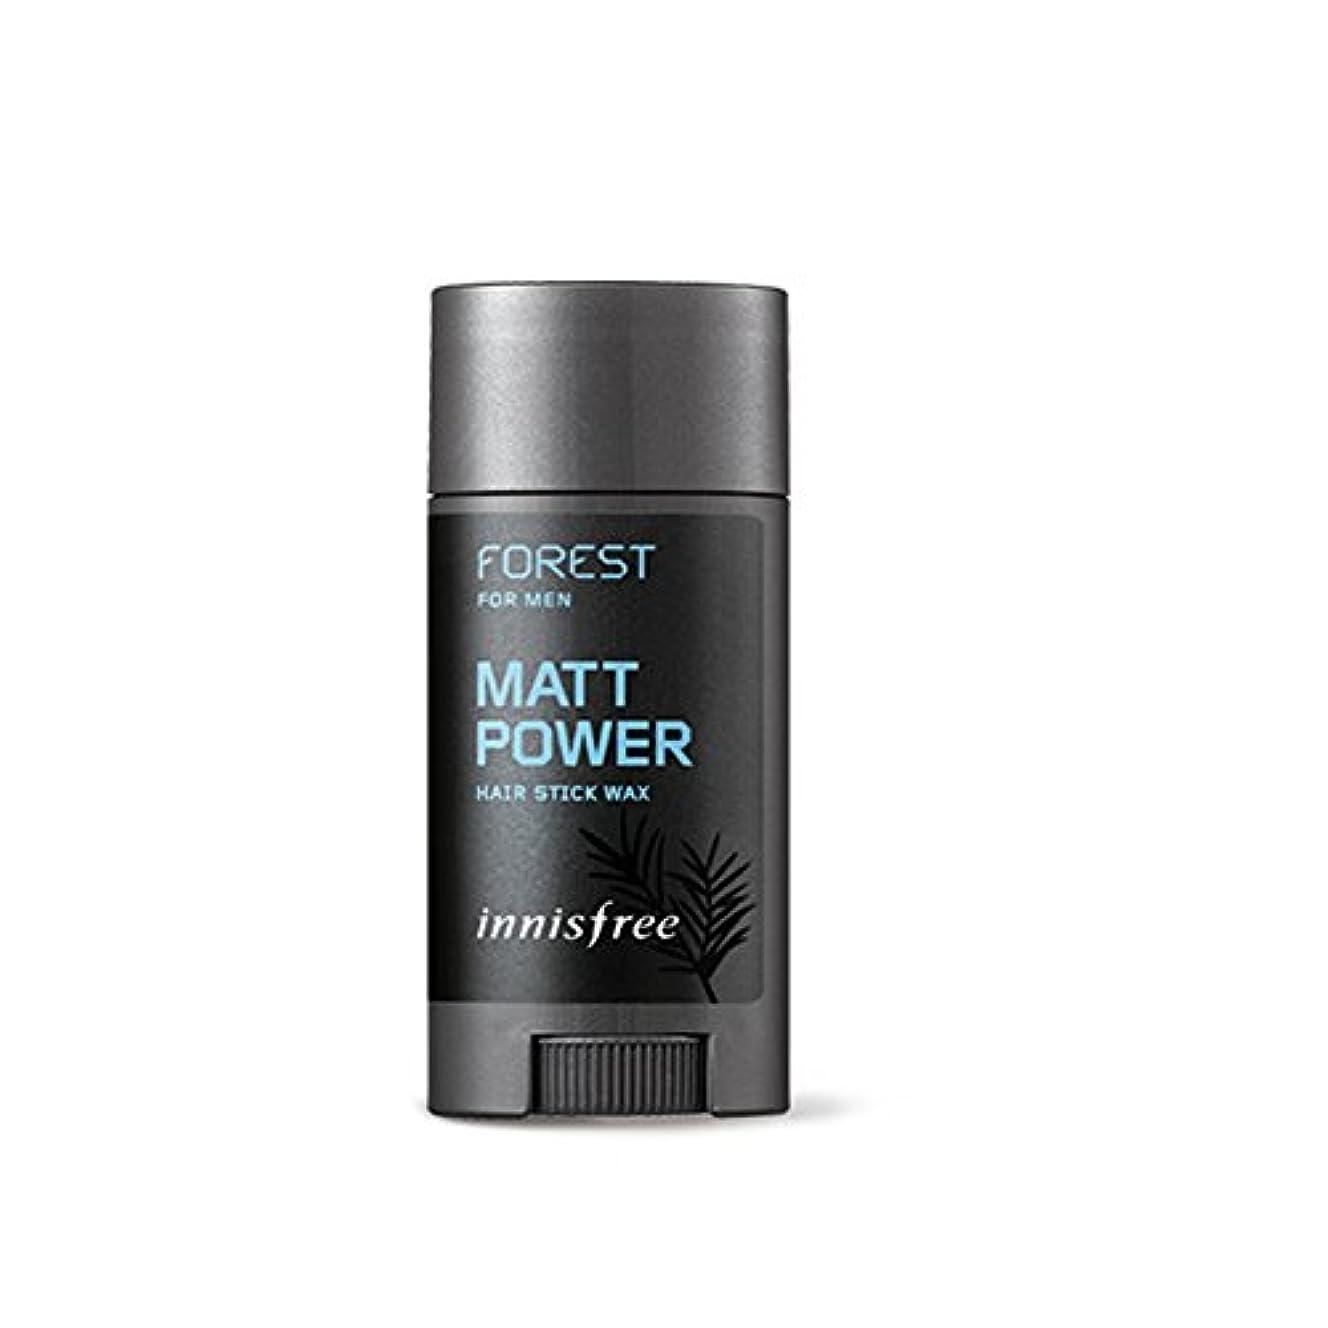 生きる洗剤ランダムイニスフリーフォレストメンズヘアスティックワックス、マットパワー15g / Innisfree Forest for Men Hair Stick Wax, Matt Power 15g [並行輸入品][海外直送品]